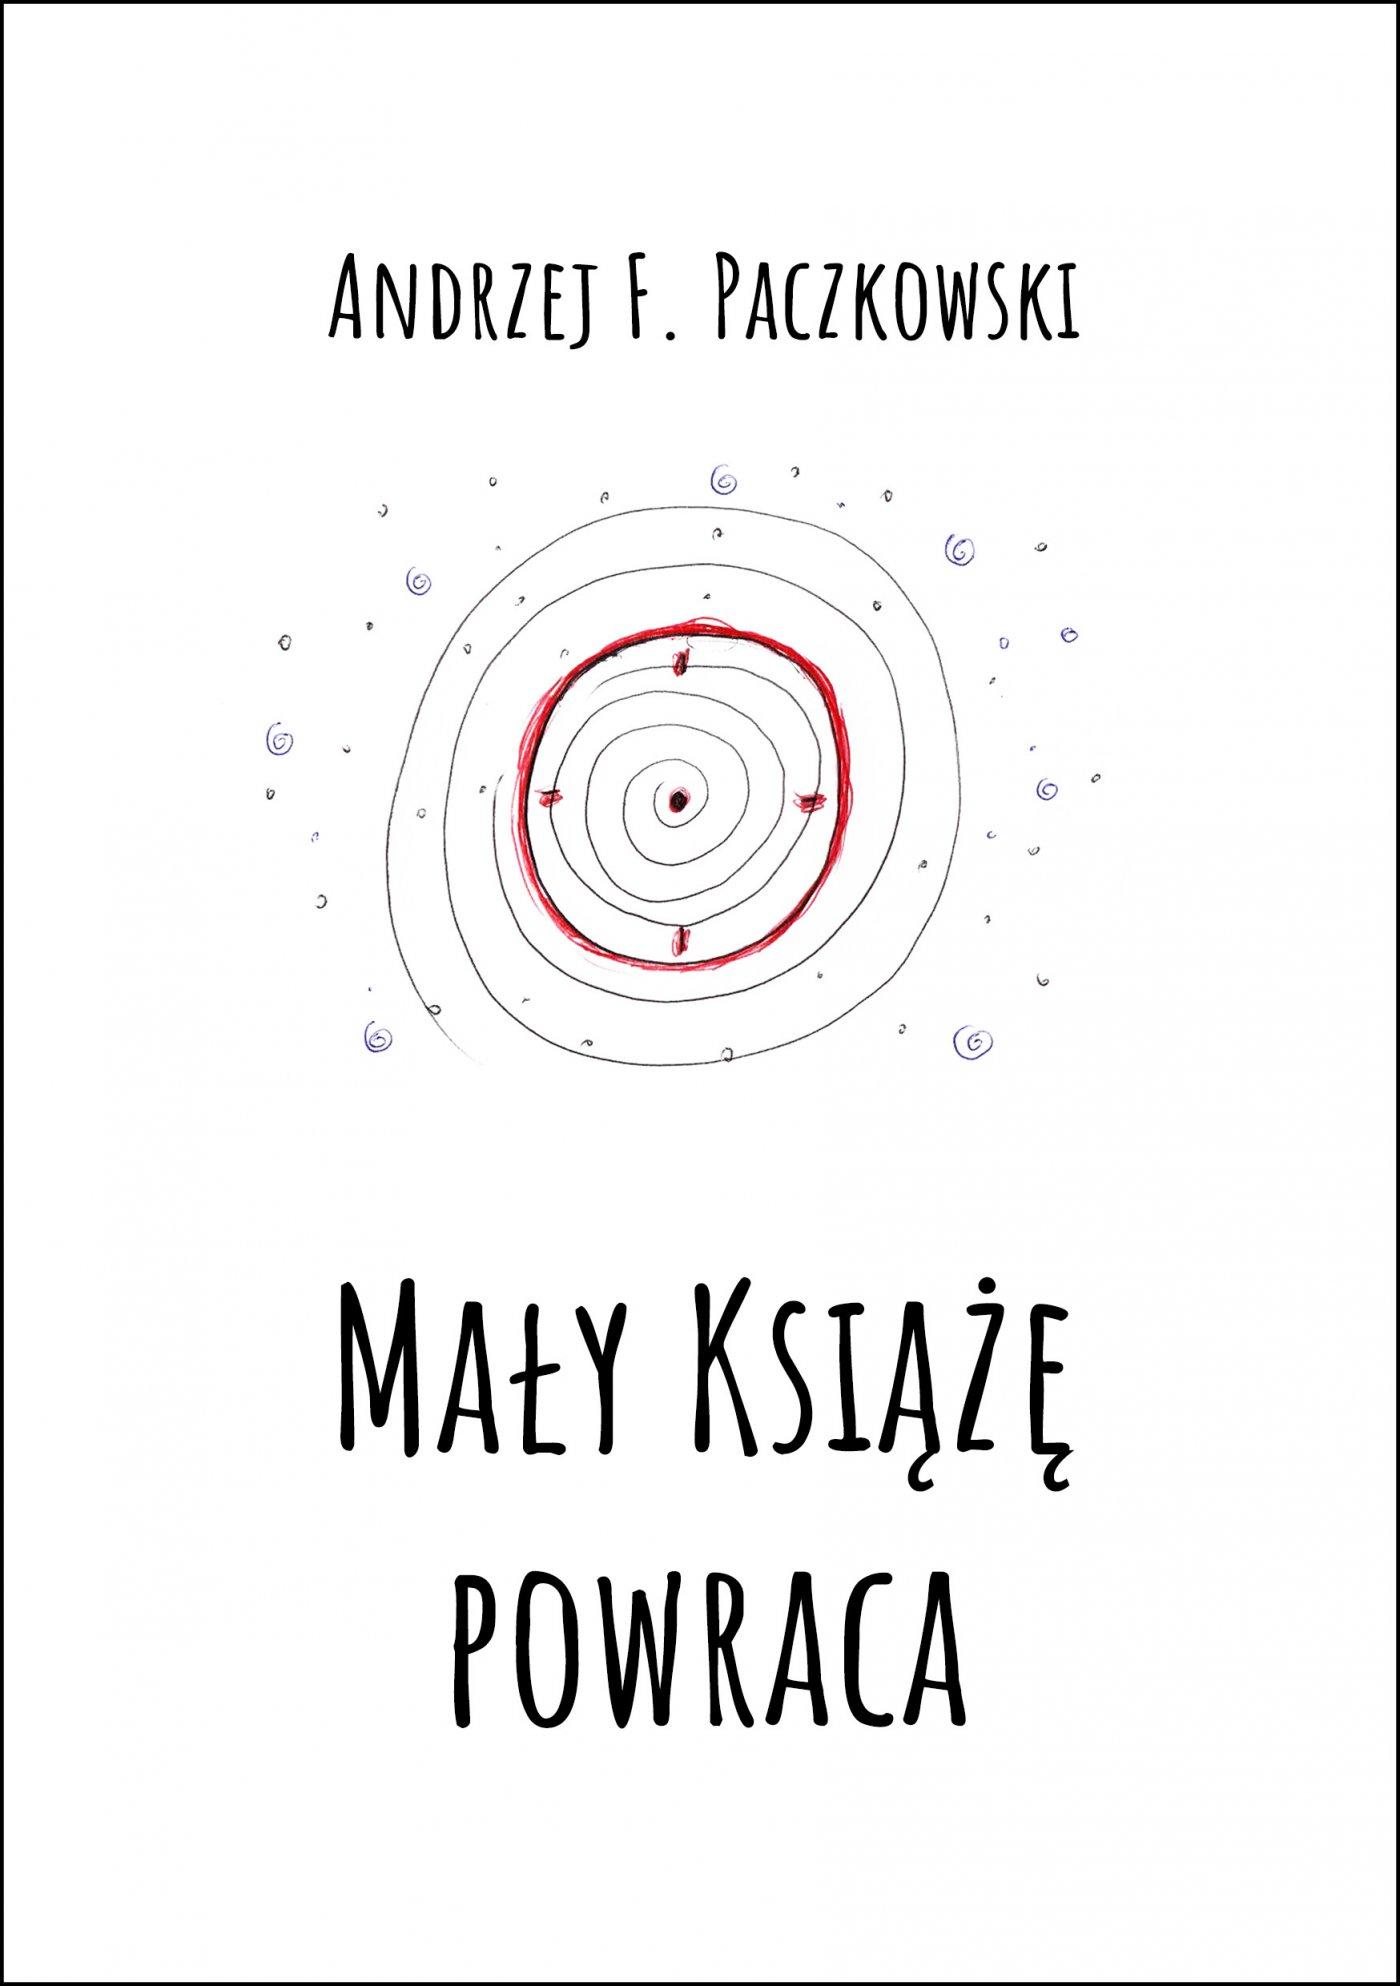 Mały Książę powraca - Ebook (Książka PDF) do pobrania w formacie PDF